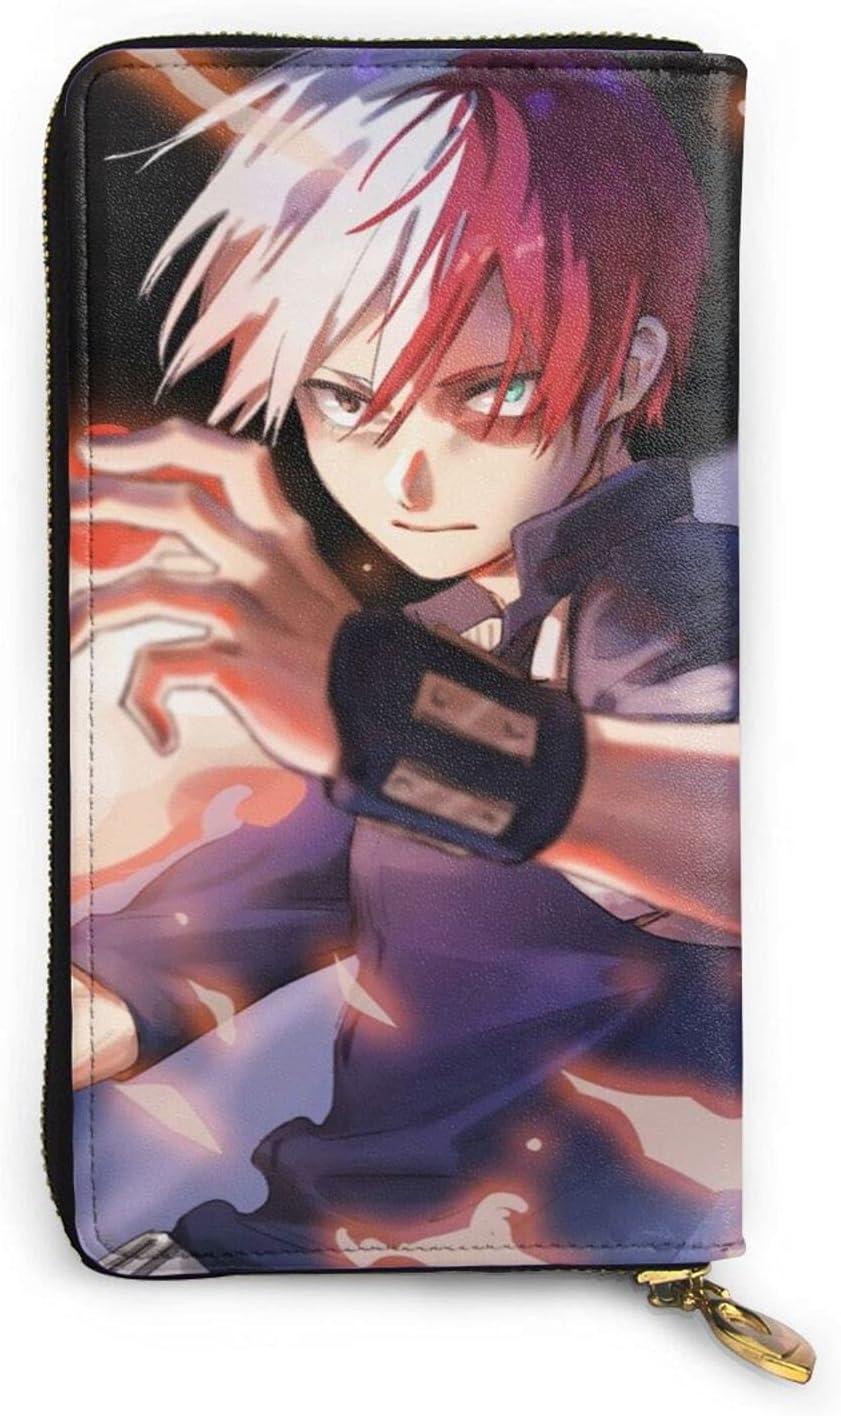 My Hero Academia Shoto Todoroki Wallet Cheap mail order sales Anime Zip Cartoon Leather San Diego Mall